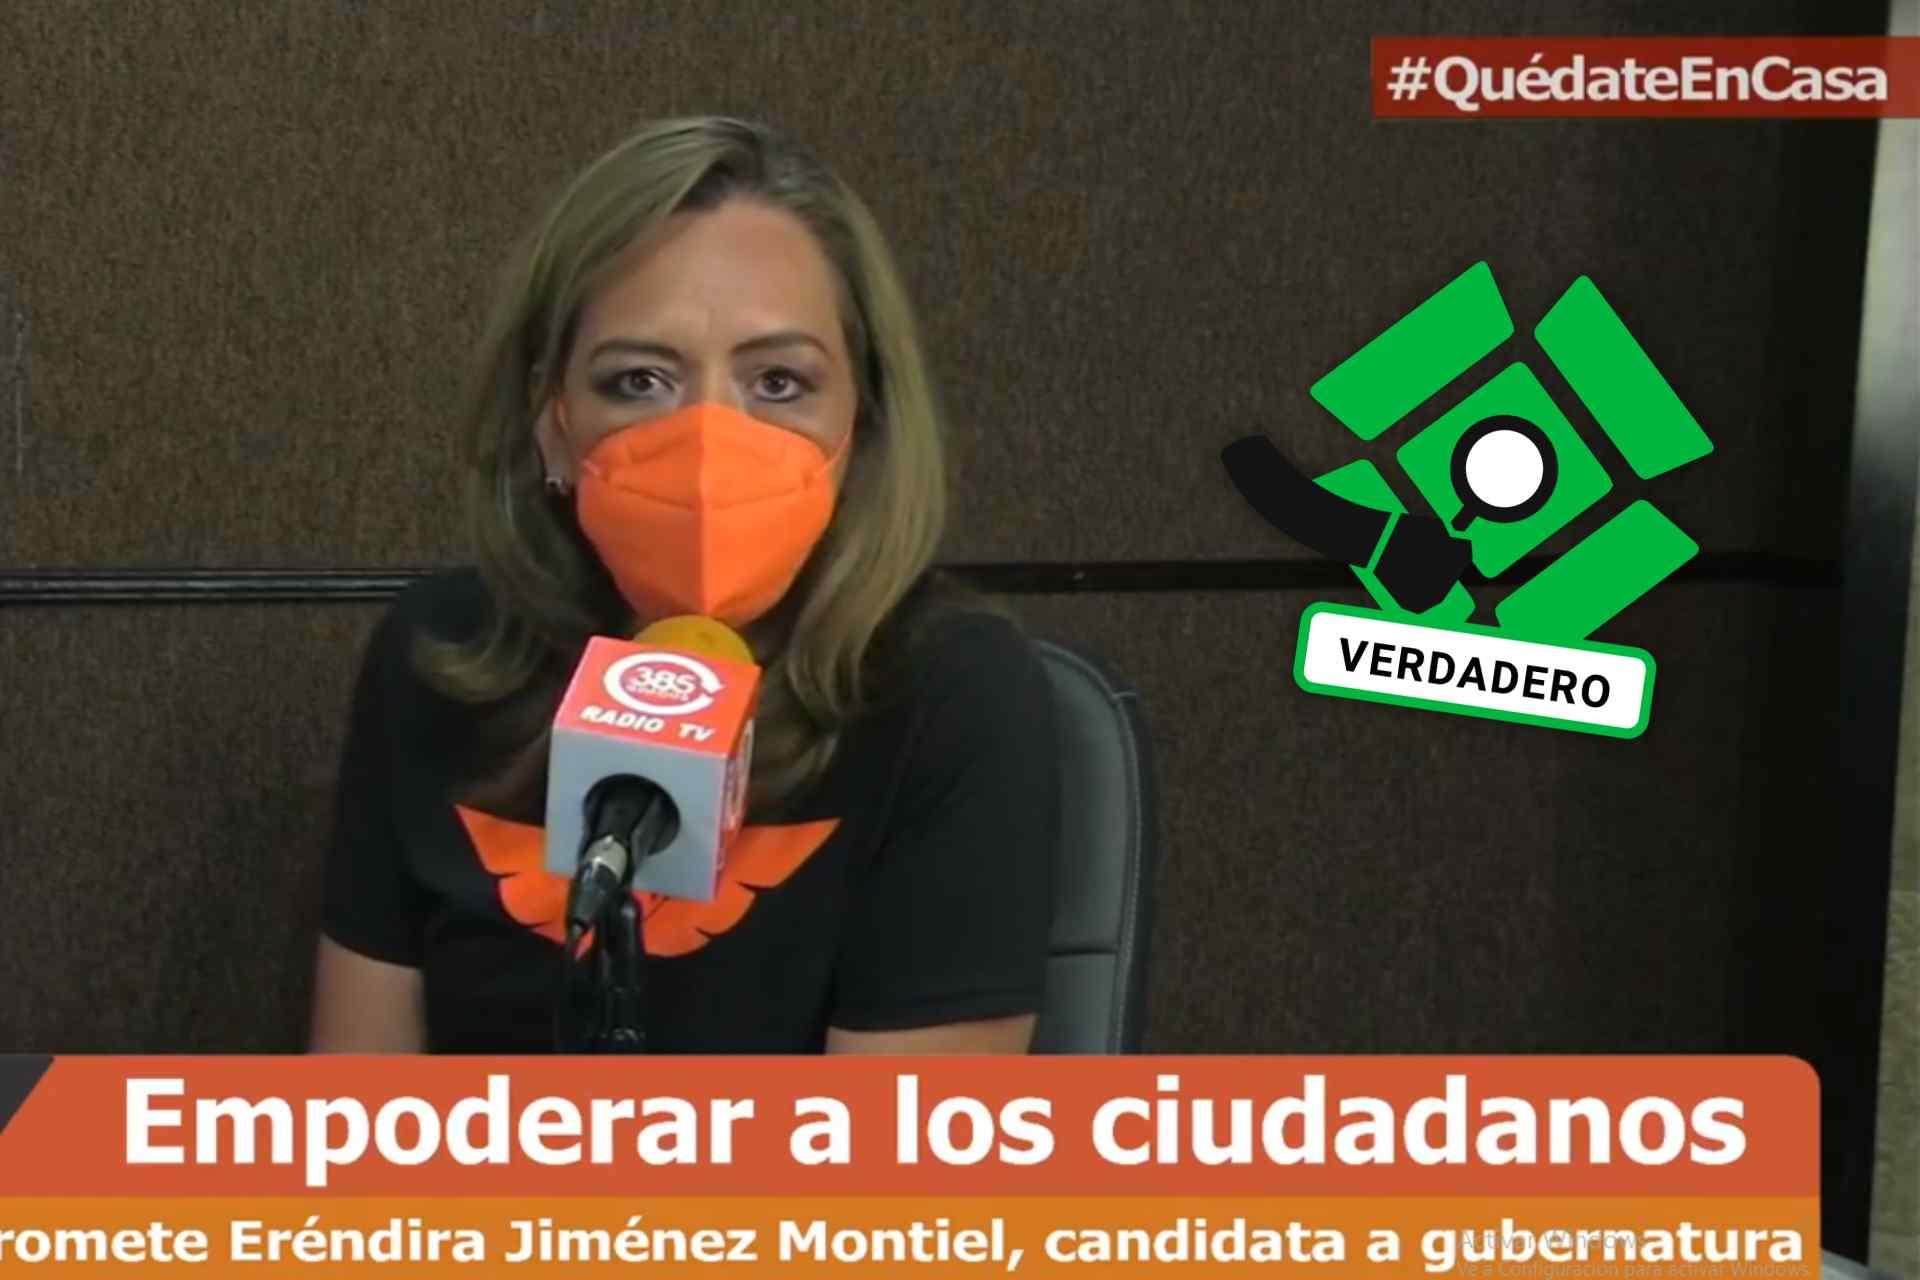 Verdadero-Fact checking-Eréndira Jiménez Montiel-Elecciones 2021-Tlaxcala